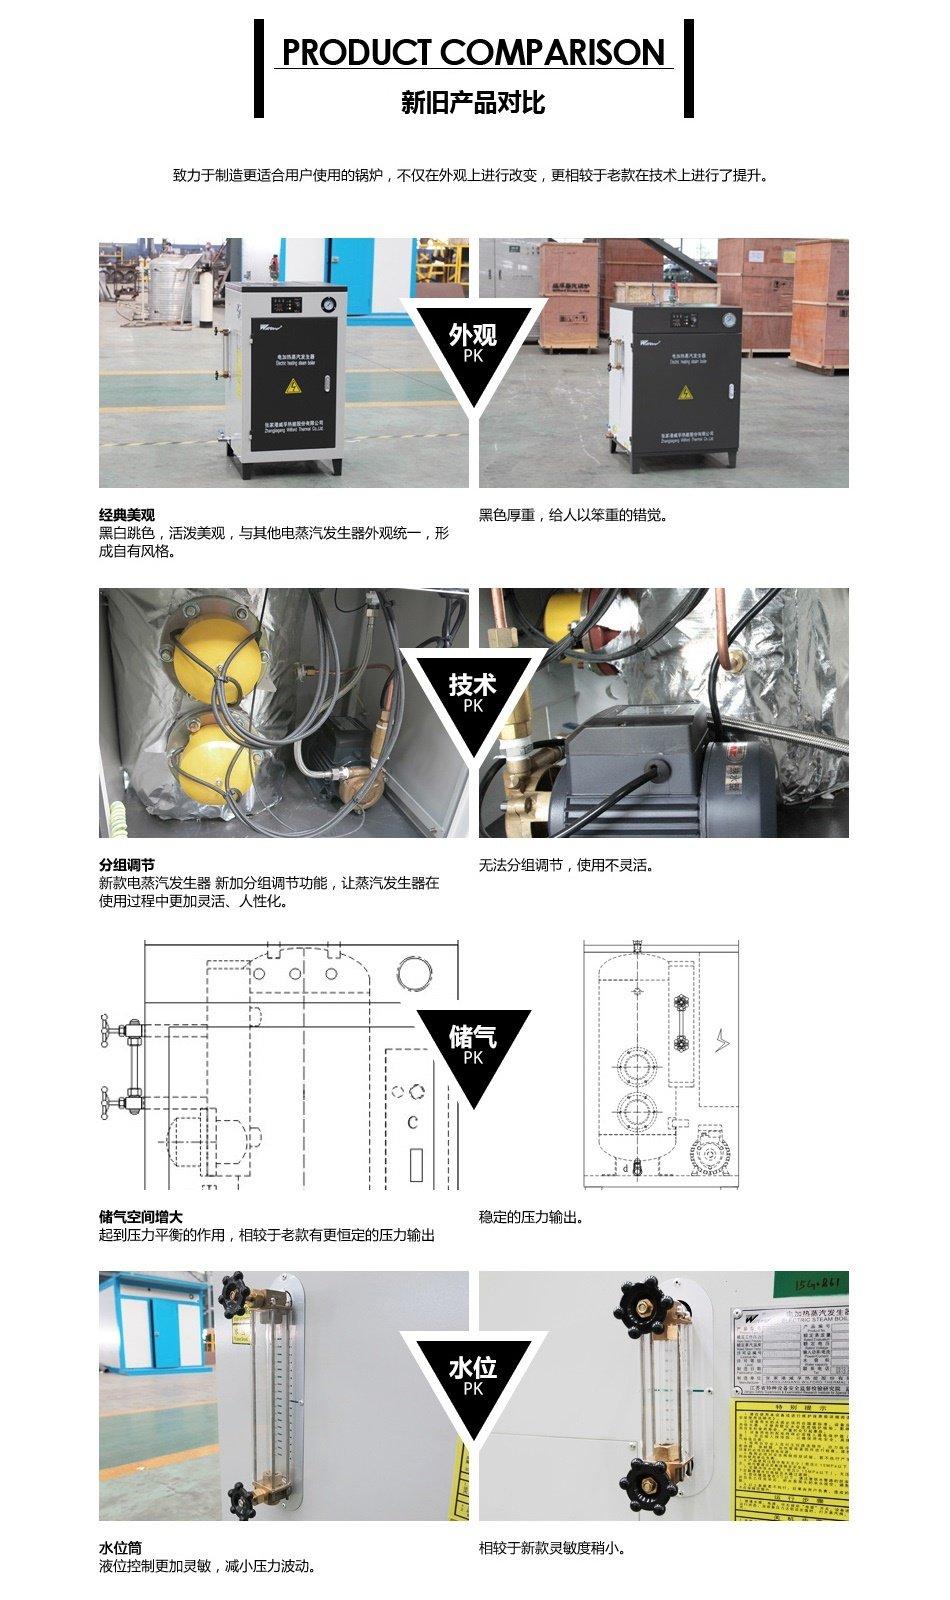 电加热蒸汽发生器对比图3.jpg